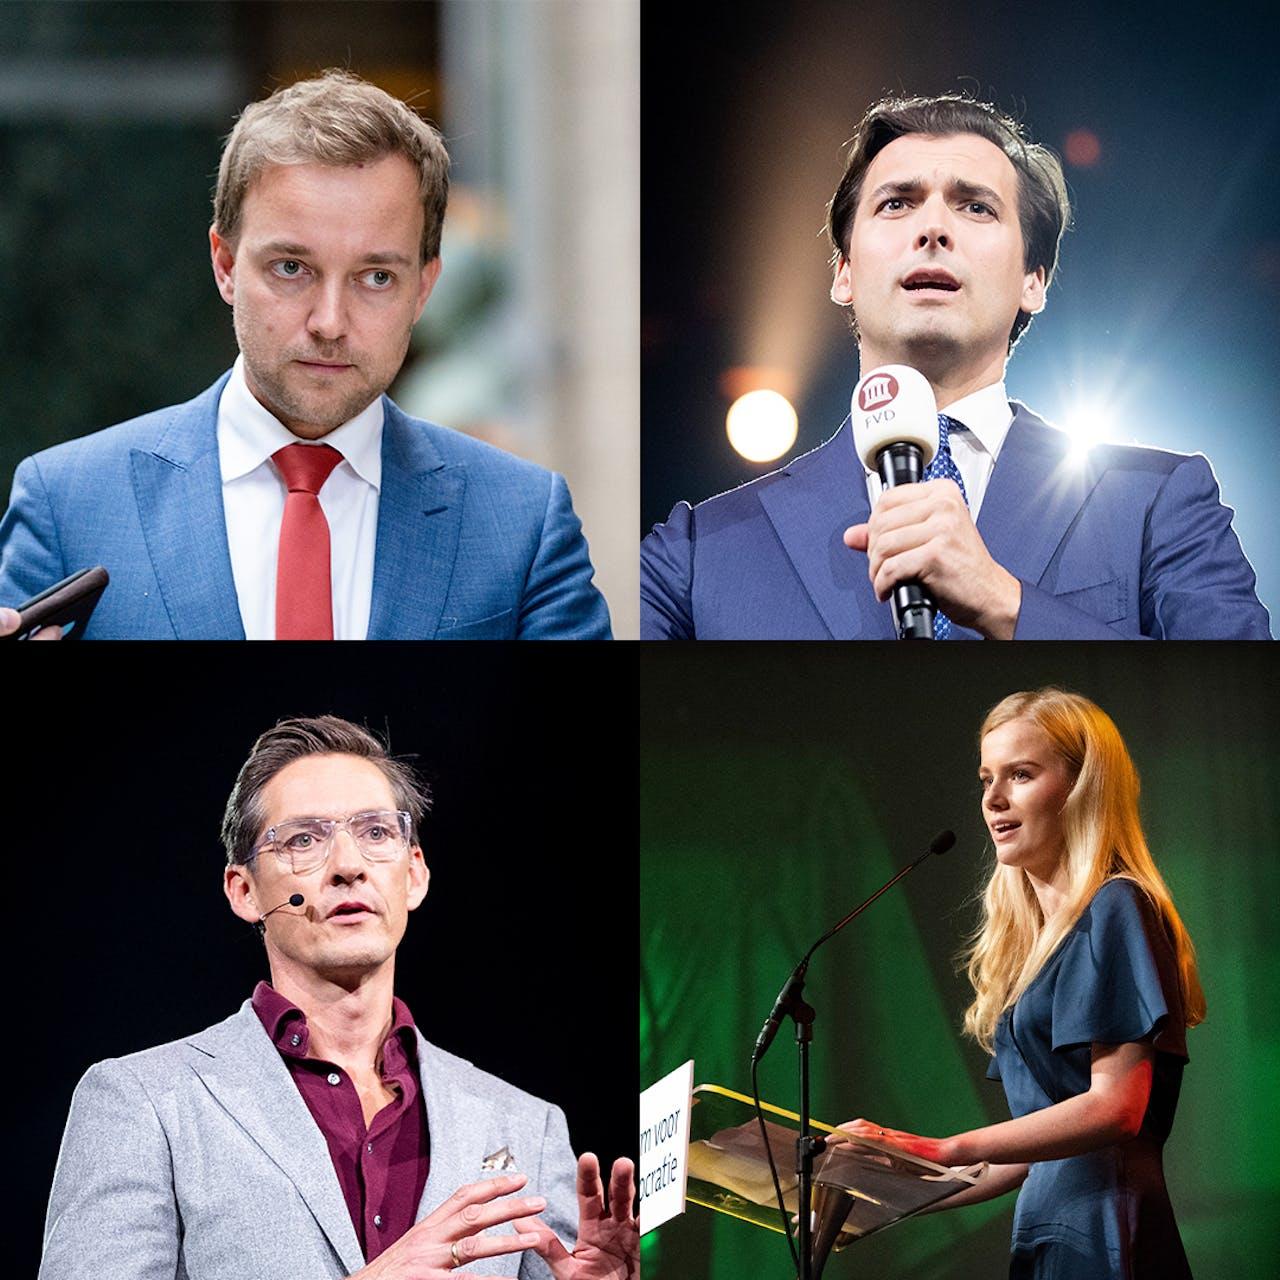 Lennart van der Linden (bestuurslid en senator, linksboven) Thierry Baudet (oprichter, rechtsboven), Joost Eerdmans (nummer 4 van de conceptkieslijst, linksonder) en Eva Vlaardingerbroek